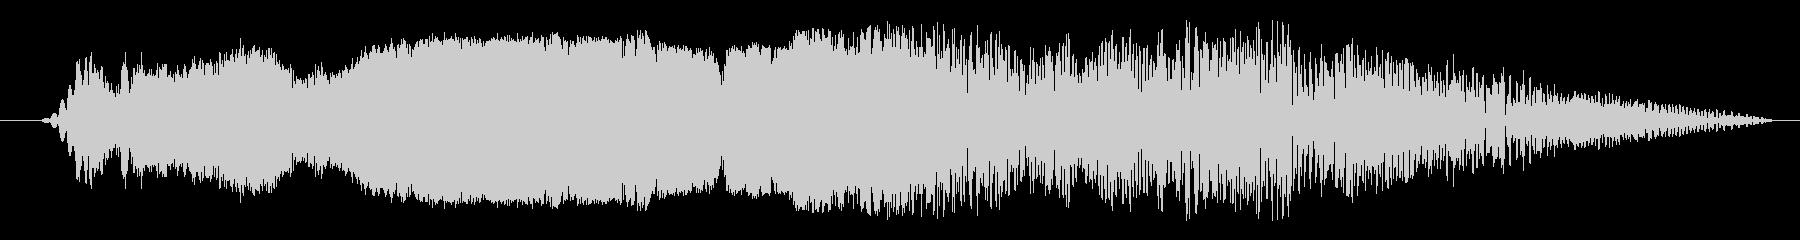 強_ジャキーン系_告知音系_11の未再生の波形